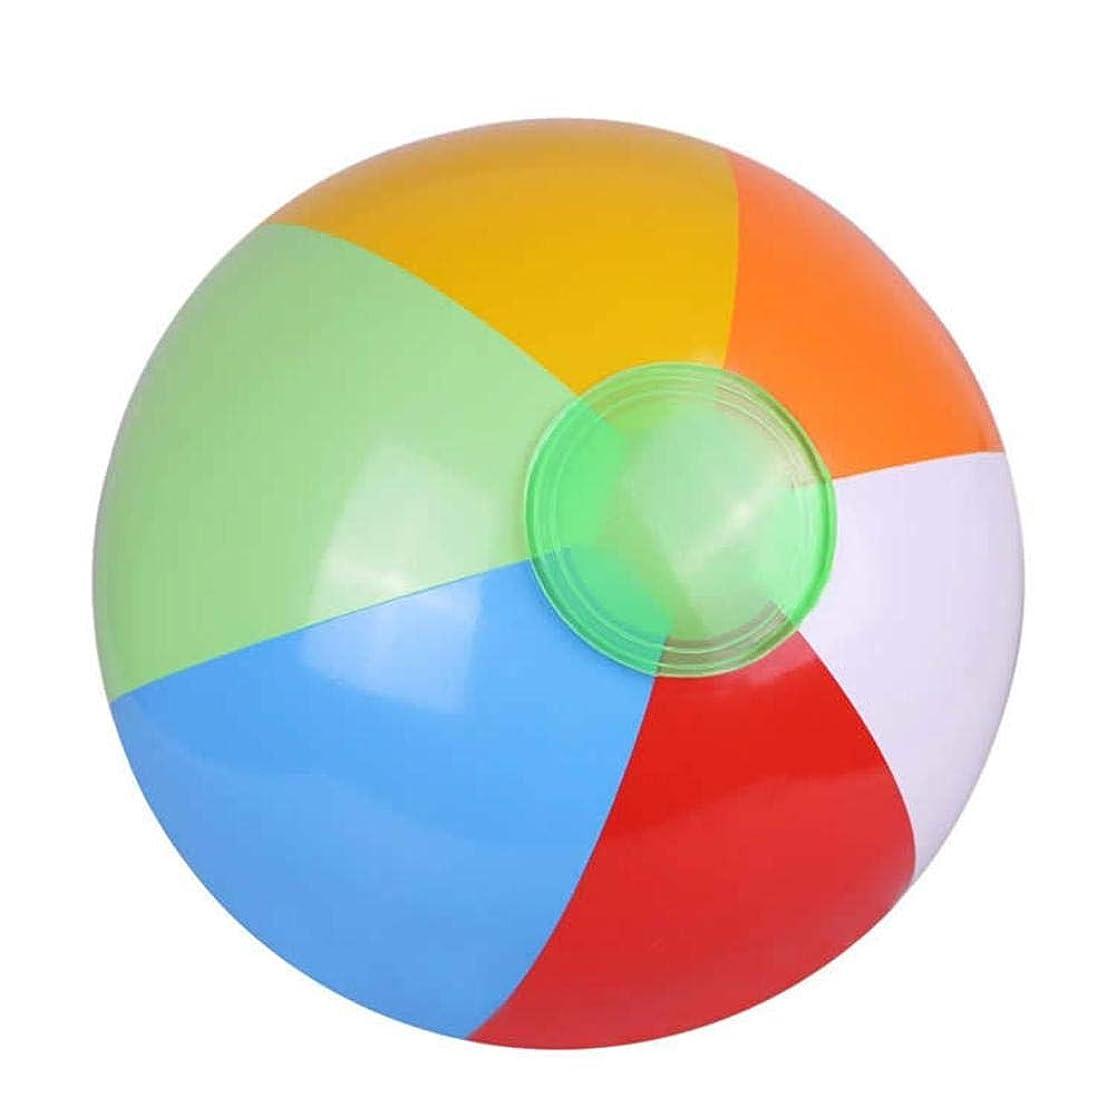 ロータリー無しまさに環境に優しいポリ塩化ビニールの膨脹可能な6部分色の球さまざまなおもちゃのビーチボールランダム色SNOWVIRTUOS